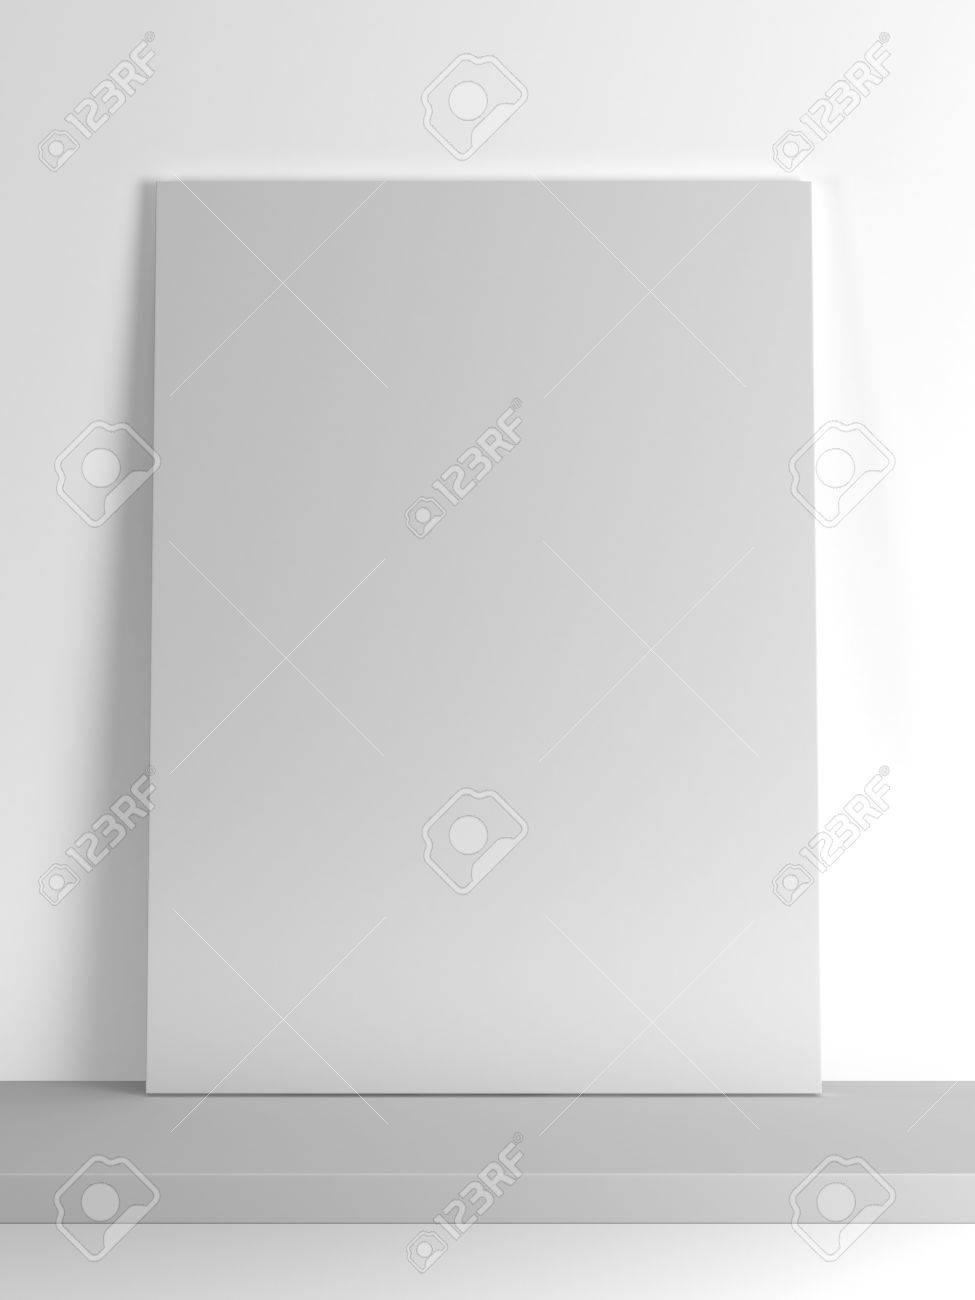 Leere Papier Rahmen Auf Dem Regal Auf Einem Weißen Hintergrund. 3d ...